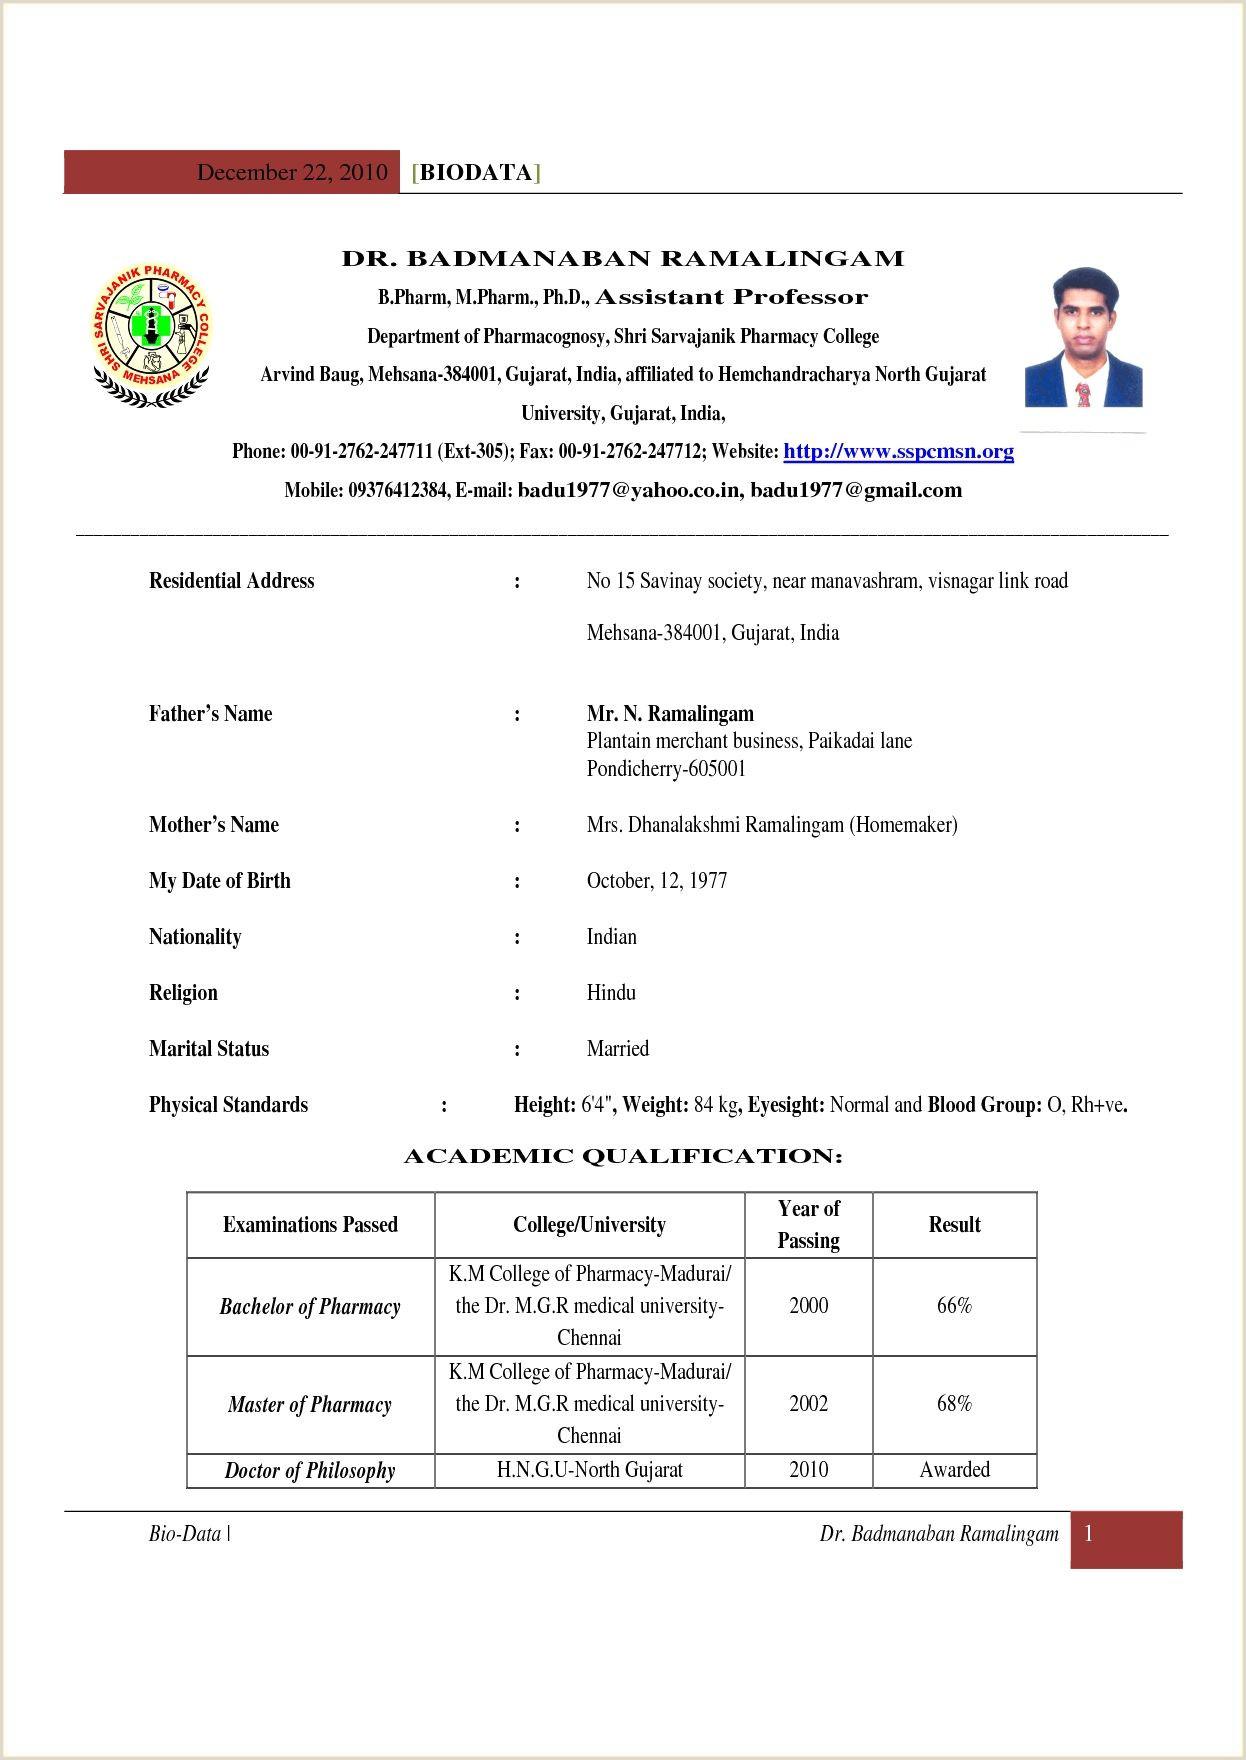 Resume format for Job Fresher Pdf D Pharmacy Resume format for Fresher